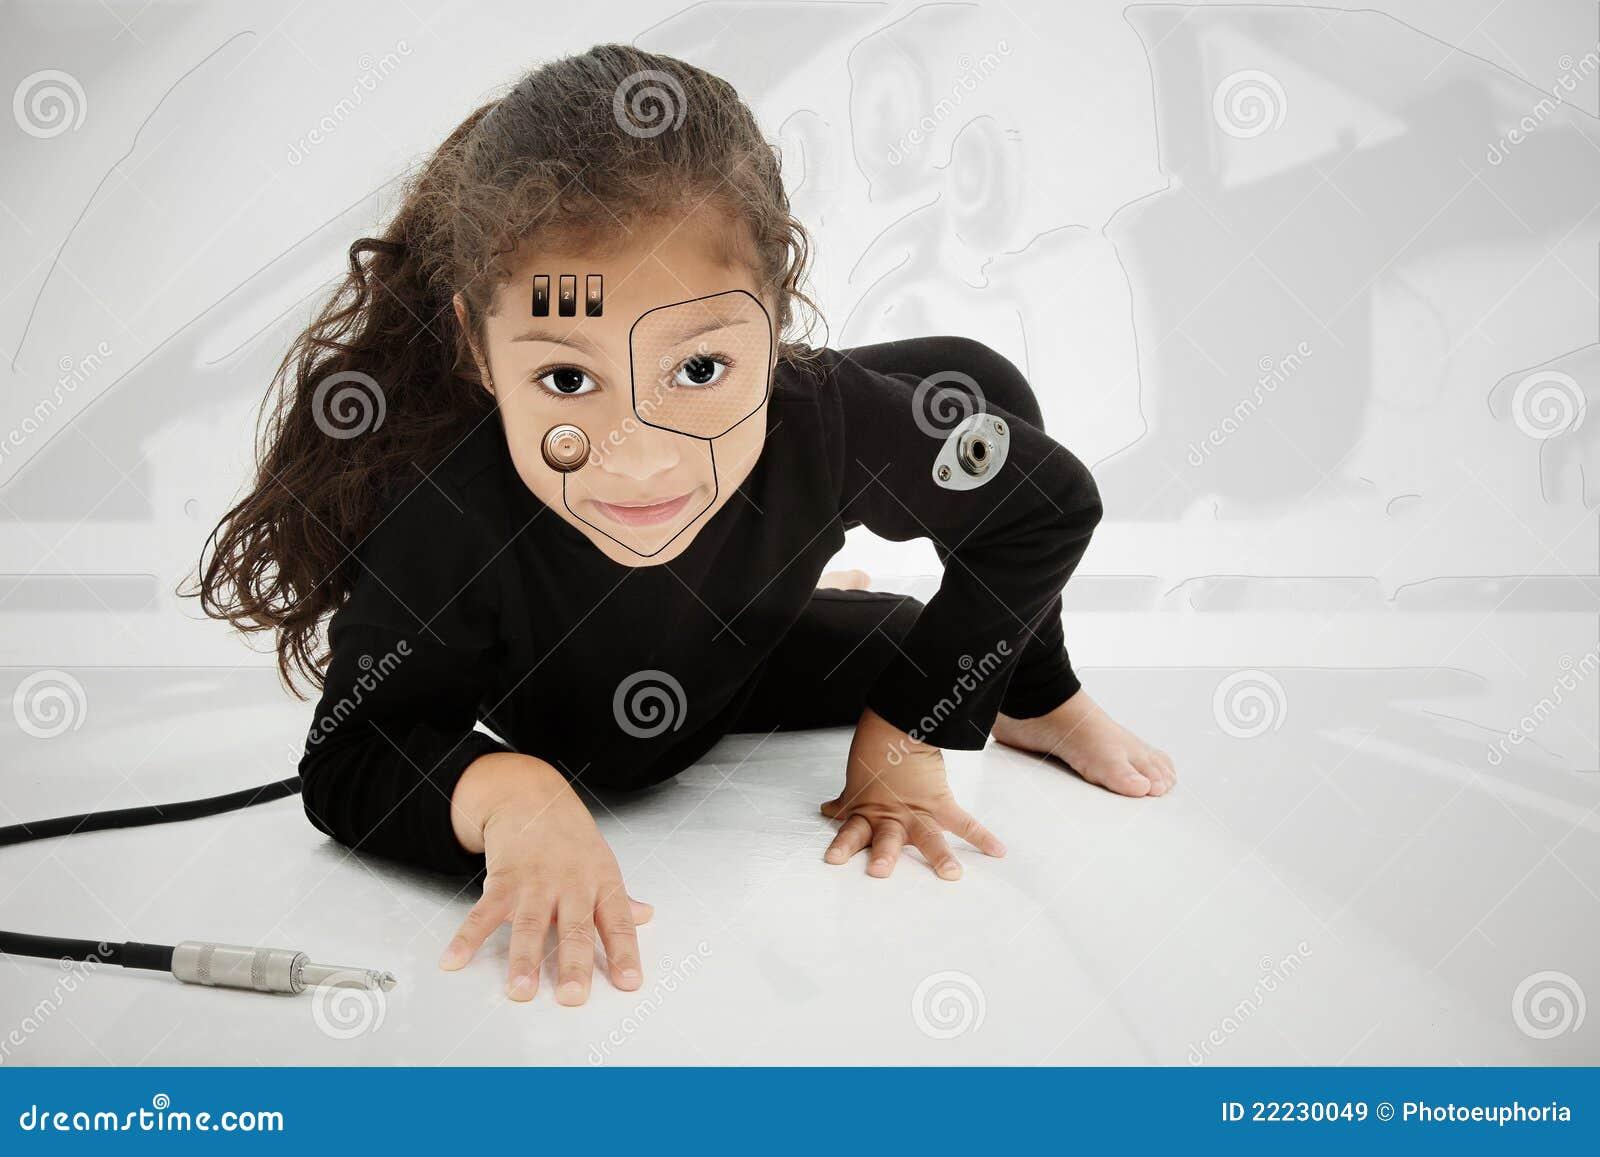 可爱的儿童靠机械装置维持生命的人幼稚园